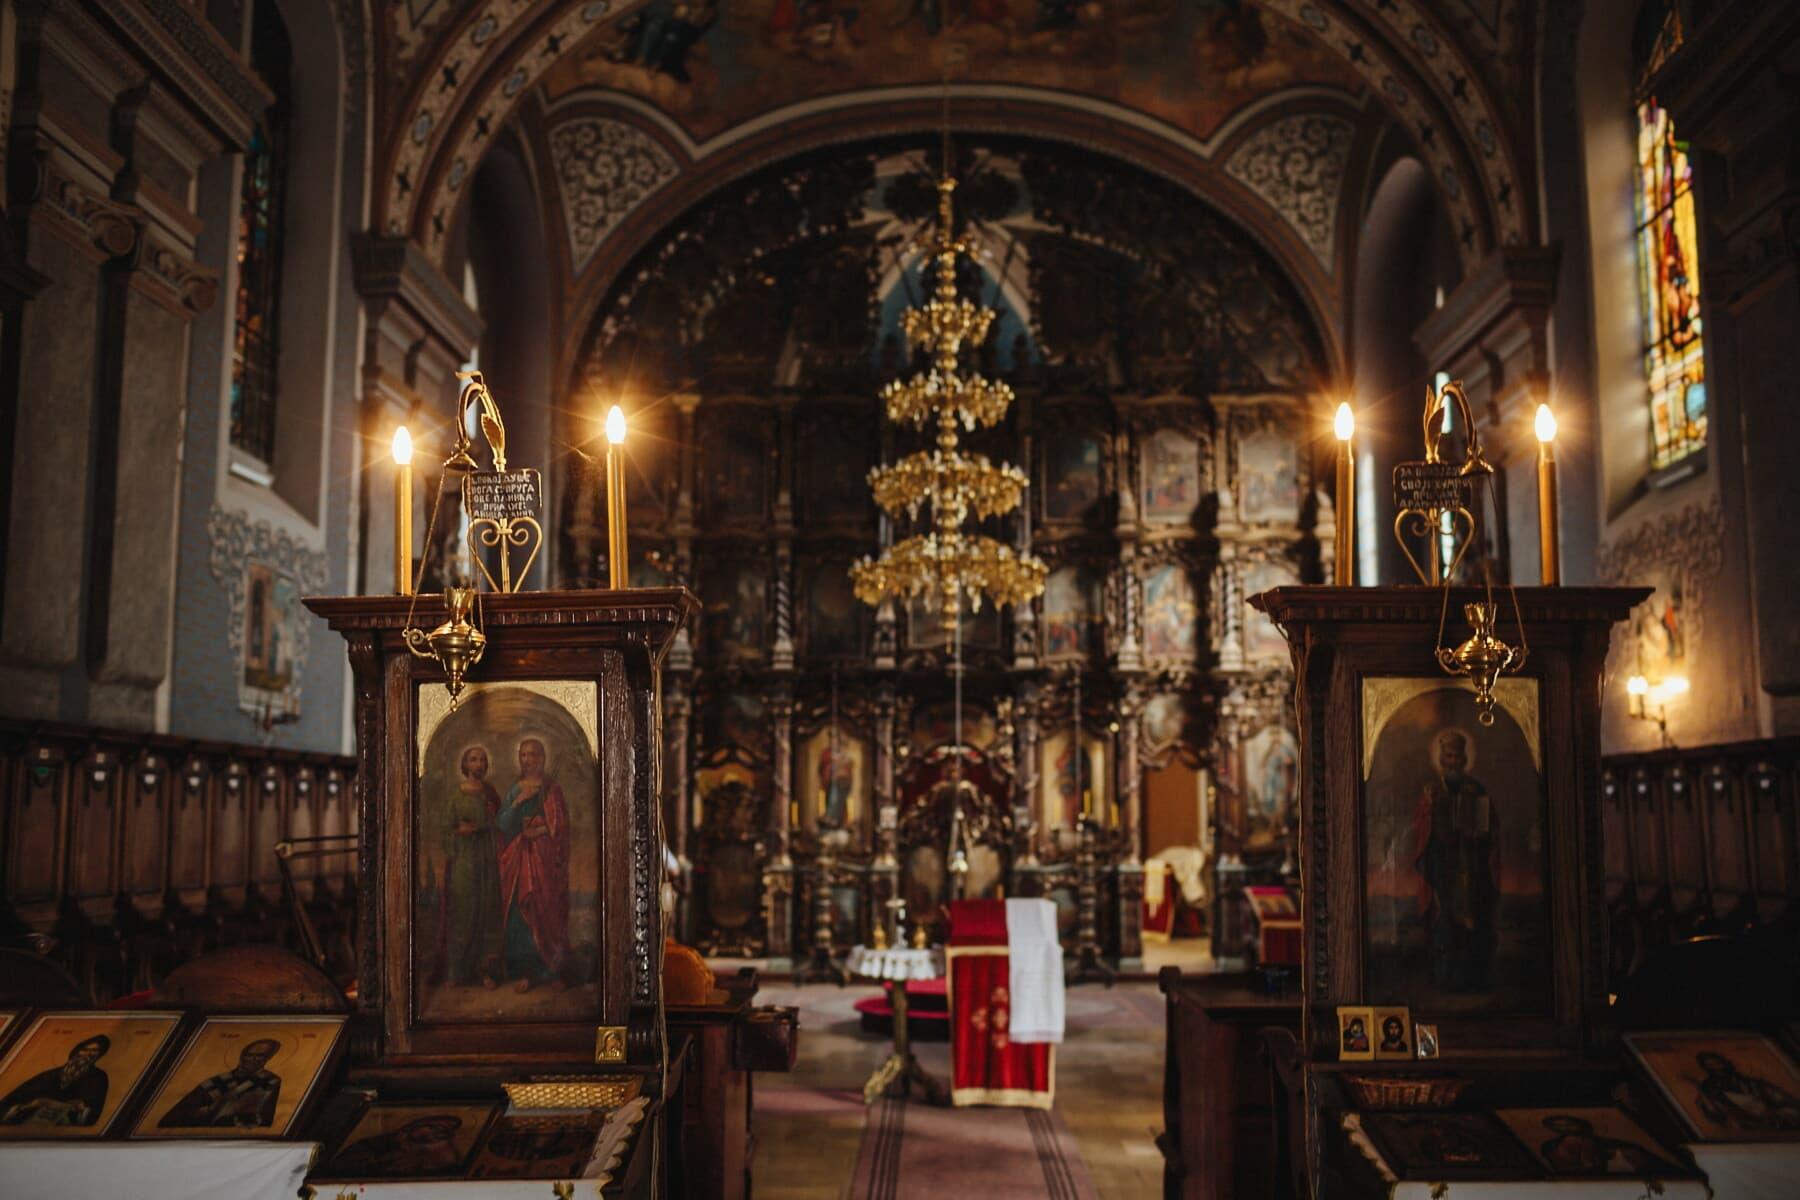 orthodoxe, autel, aux chandelles, bougies, décoration d'intérieur, spiritualité, Byzantine, icône, Saint, architecture